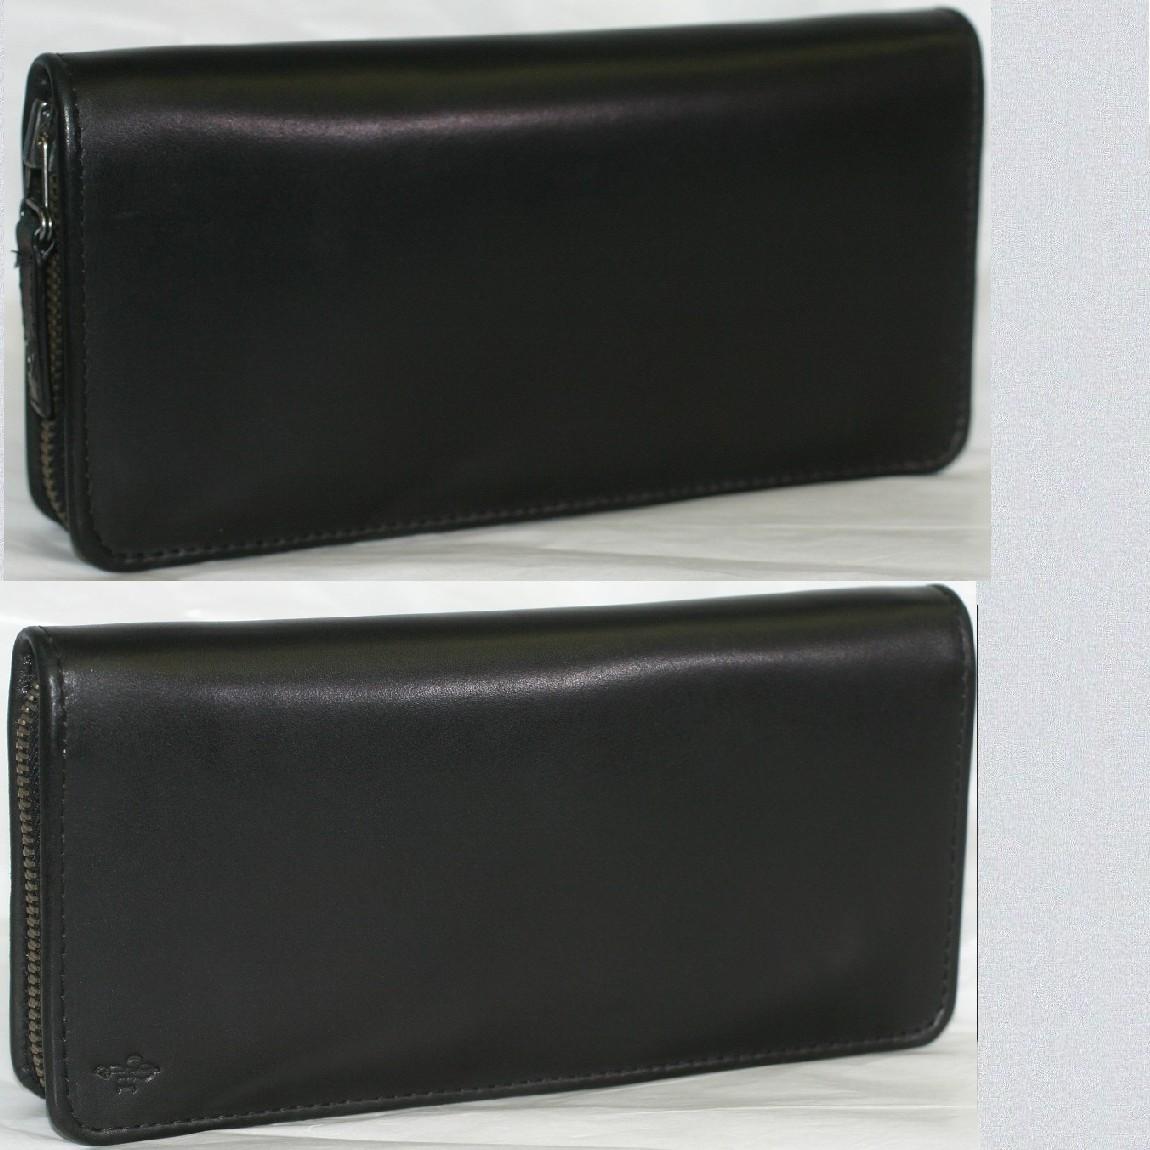 【中古】本物新品未使用コールハーン紳士用中がコバルト色長財布ロングジッピーウォレットA83659